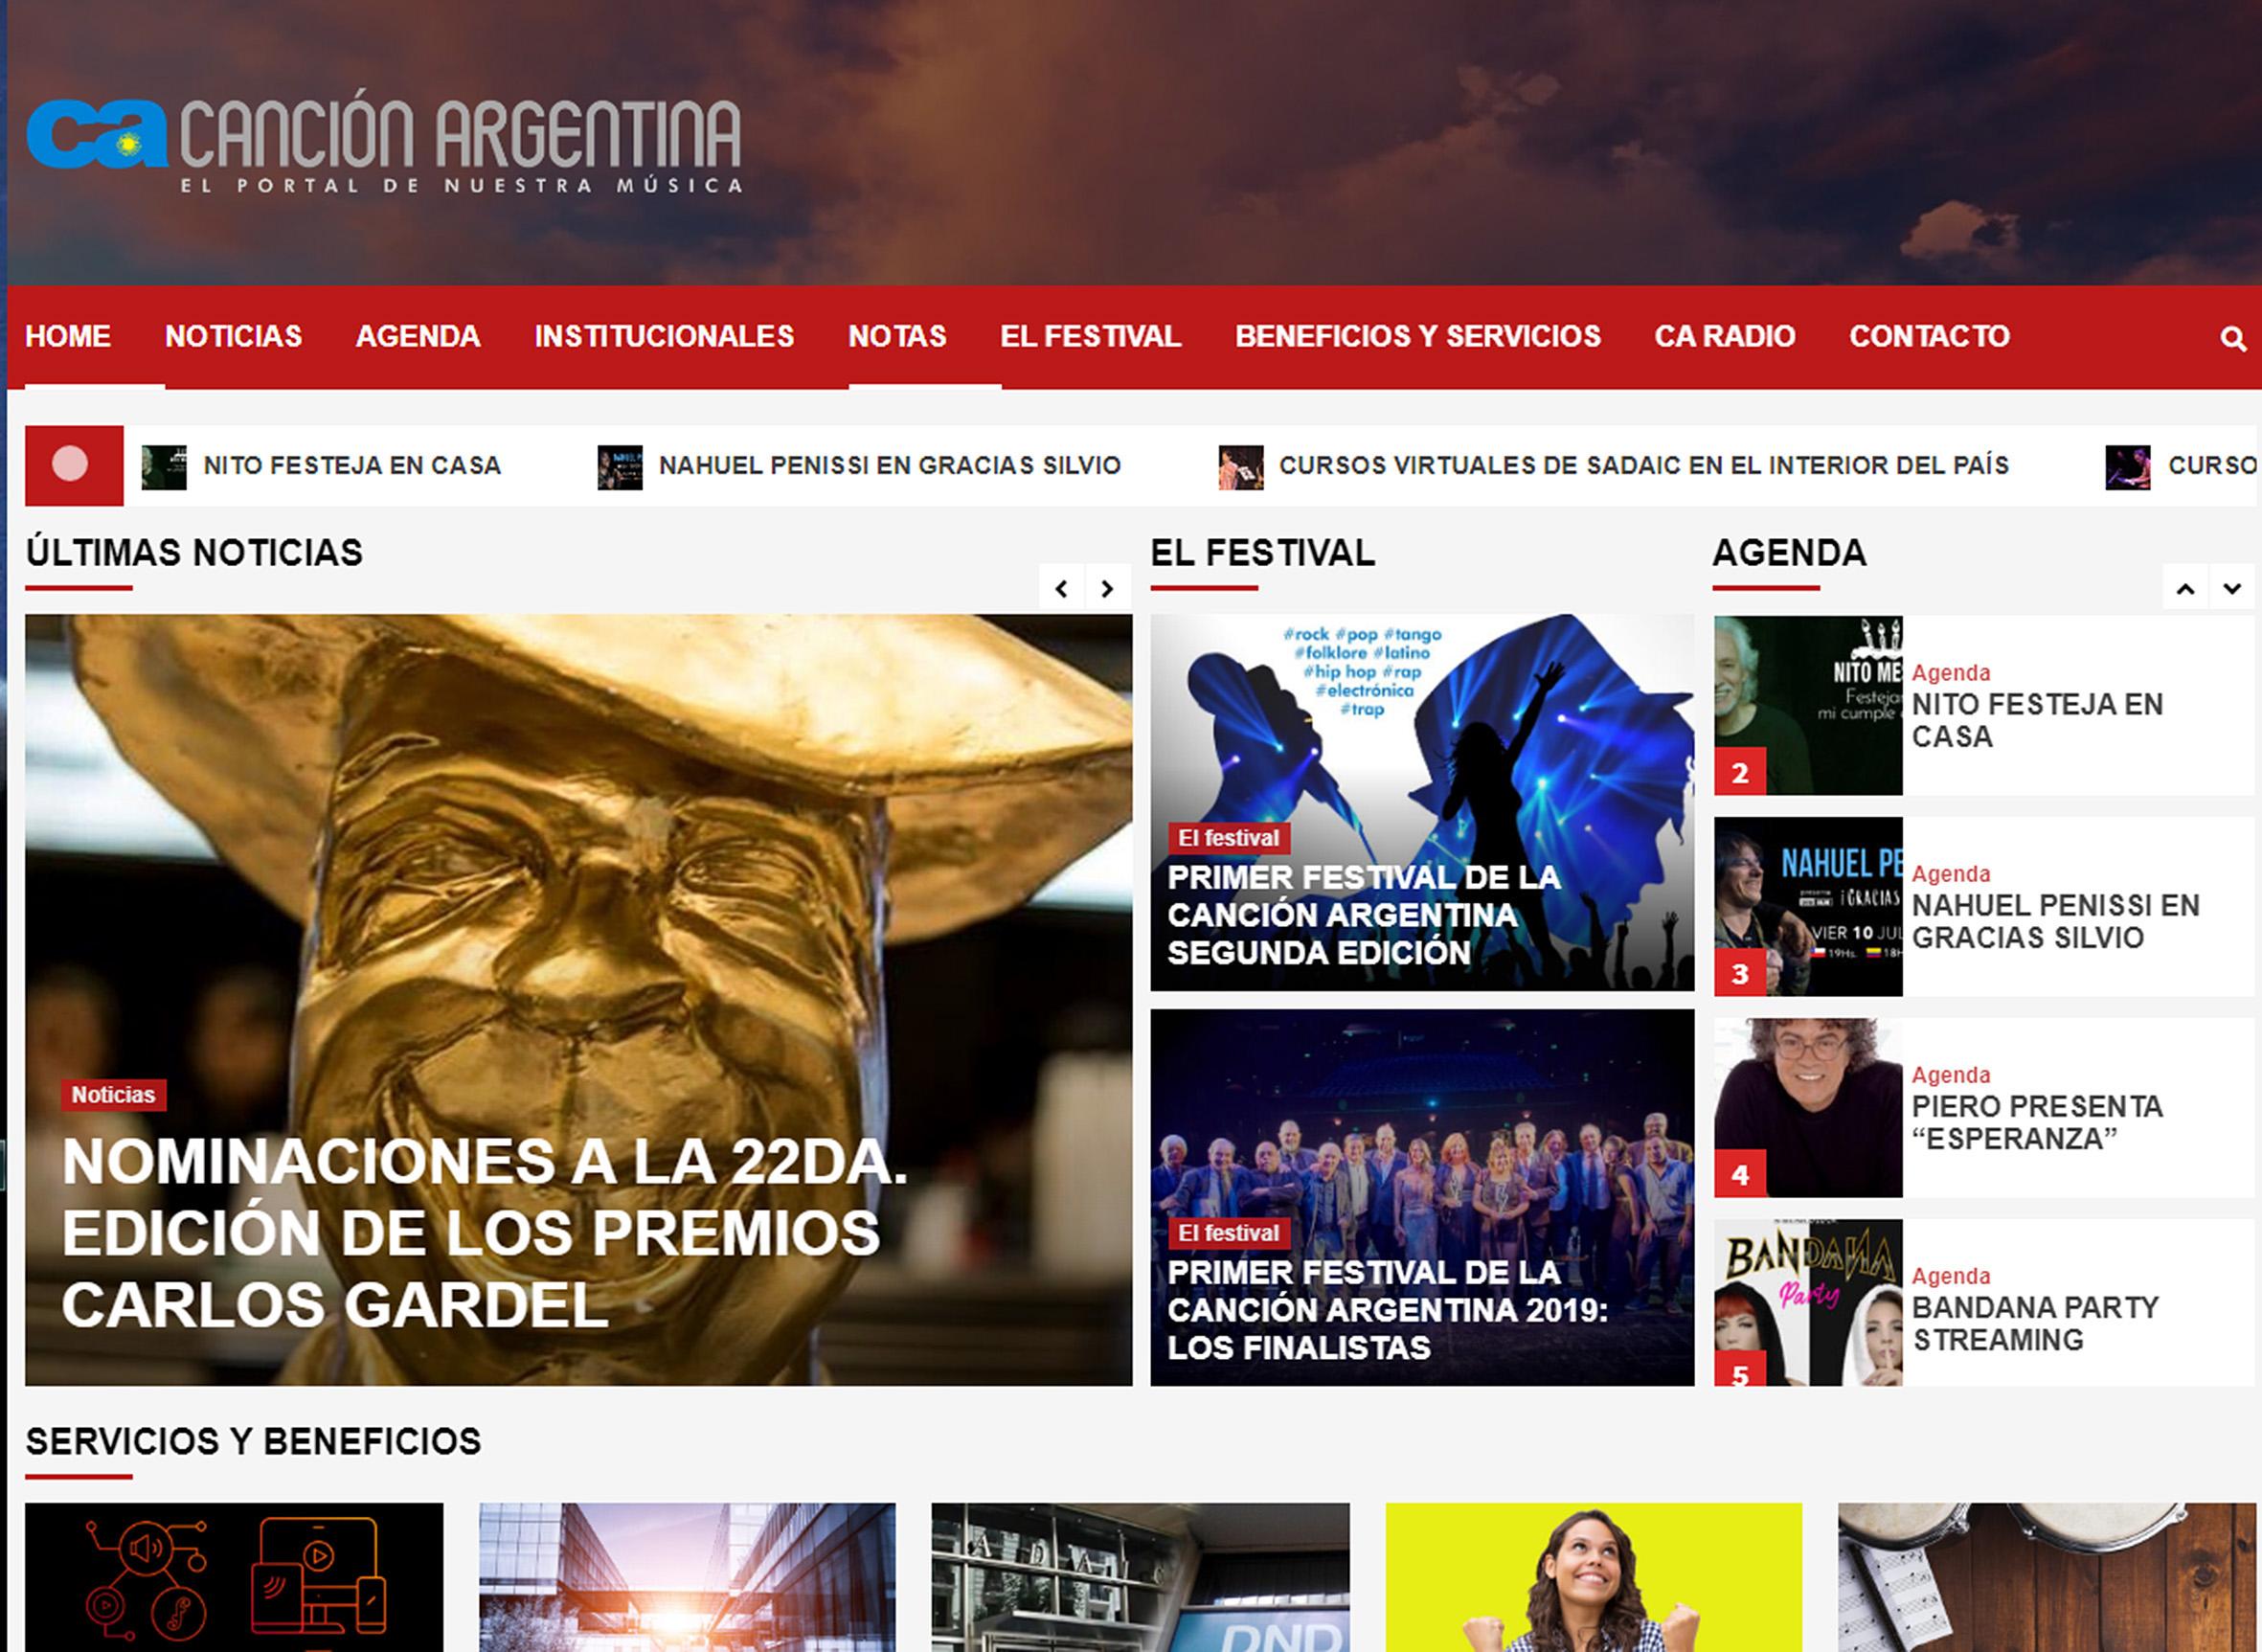 CANCIÓN ARGENTINA, el nuevo portal y radio de nuestra música nacional